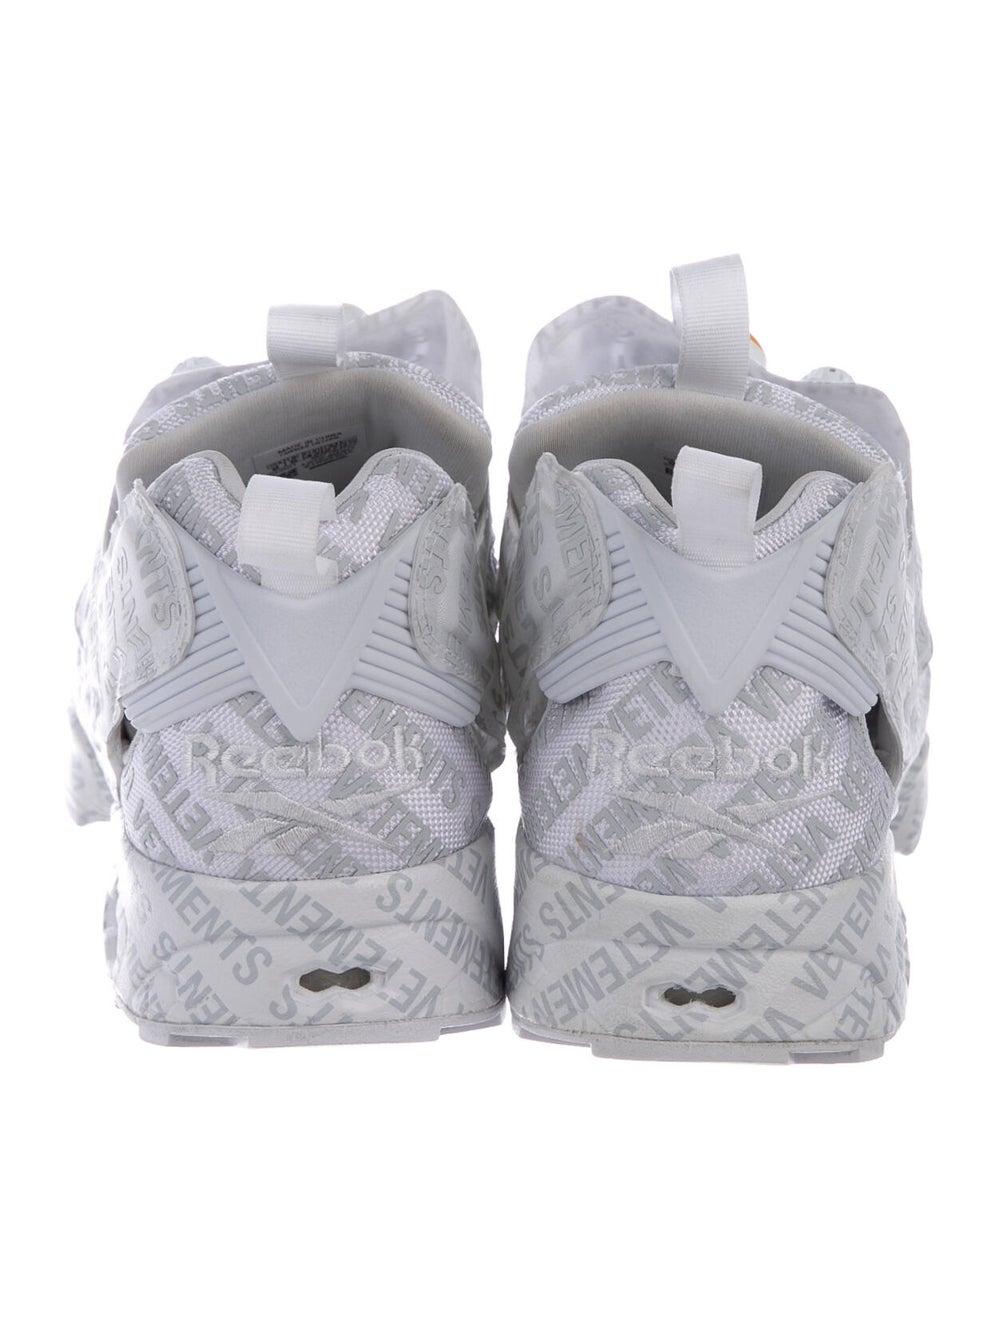 Vetements x Reebok Instapump Fury Emoji Sneakers … - image 4